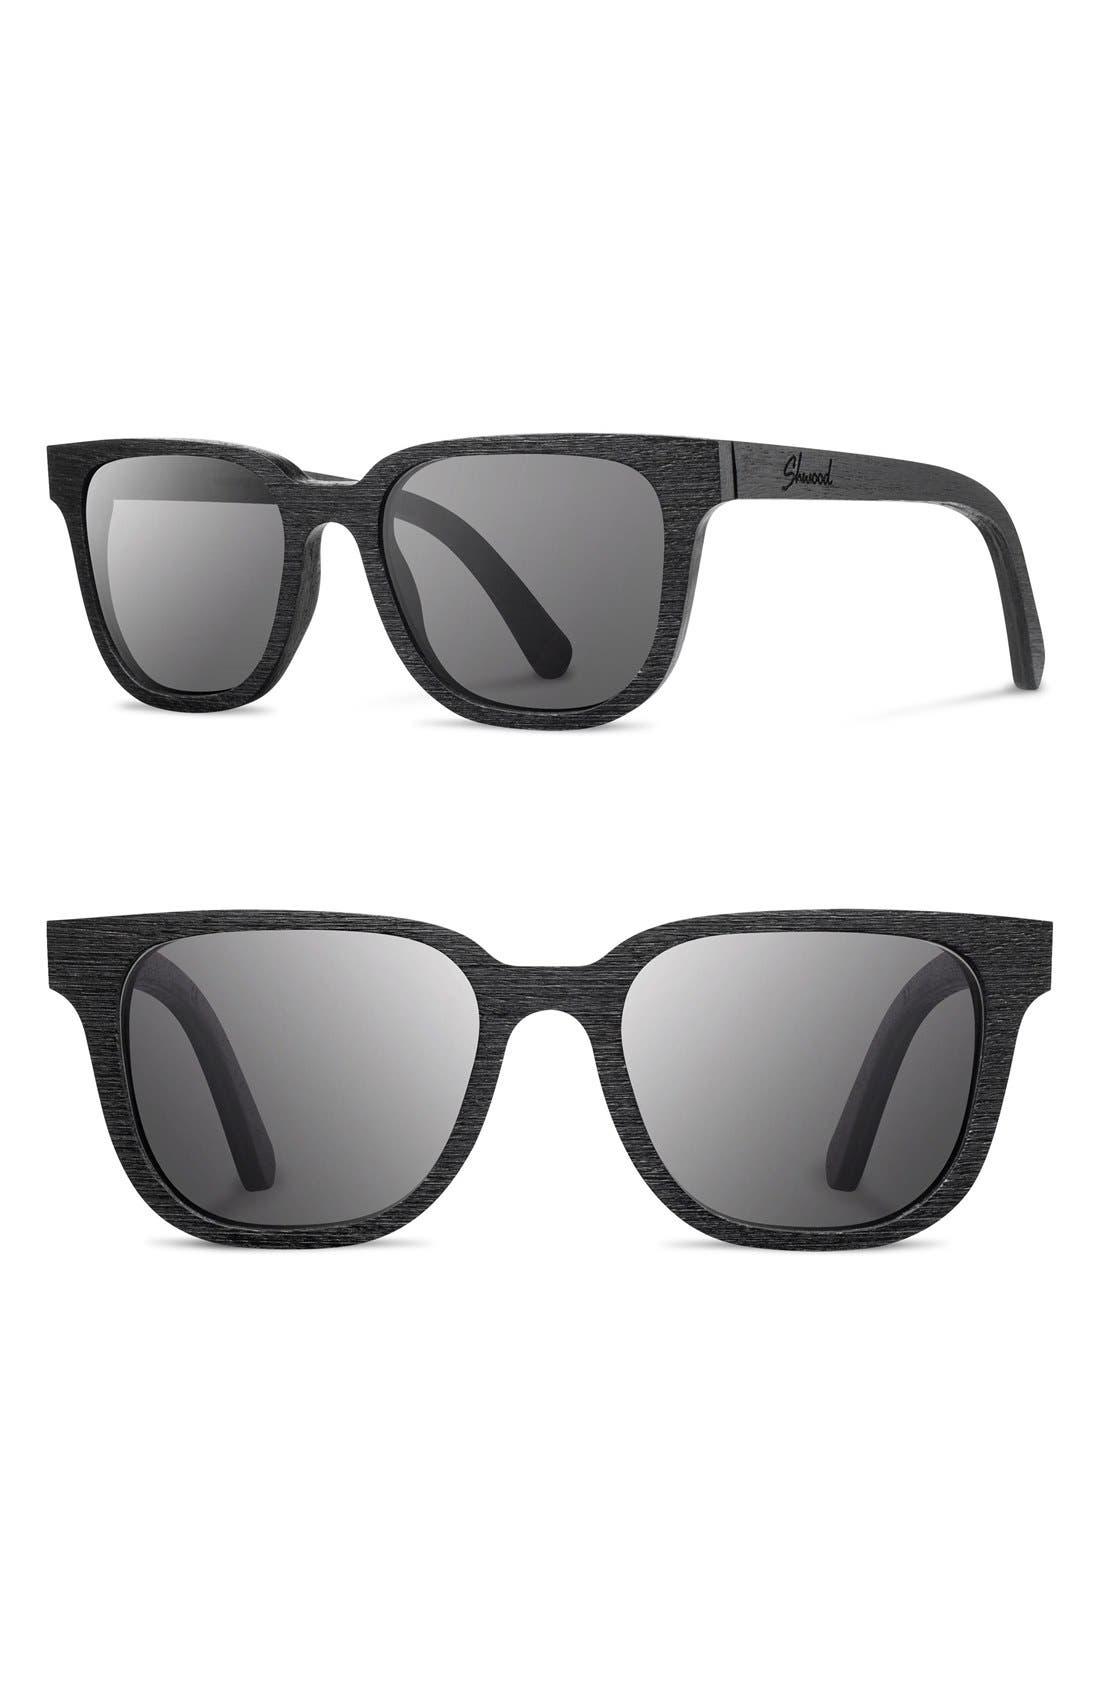 SHWOOD 'Prescott' 52mm Wood Sunglasses